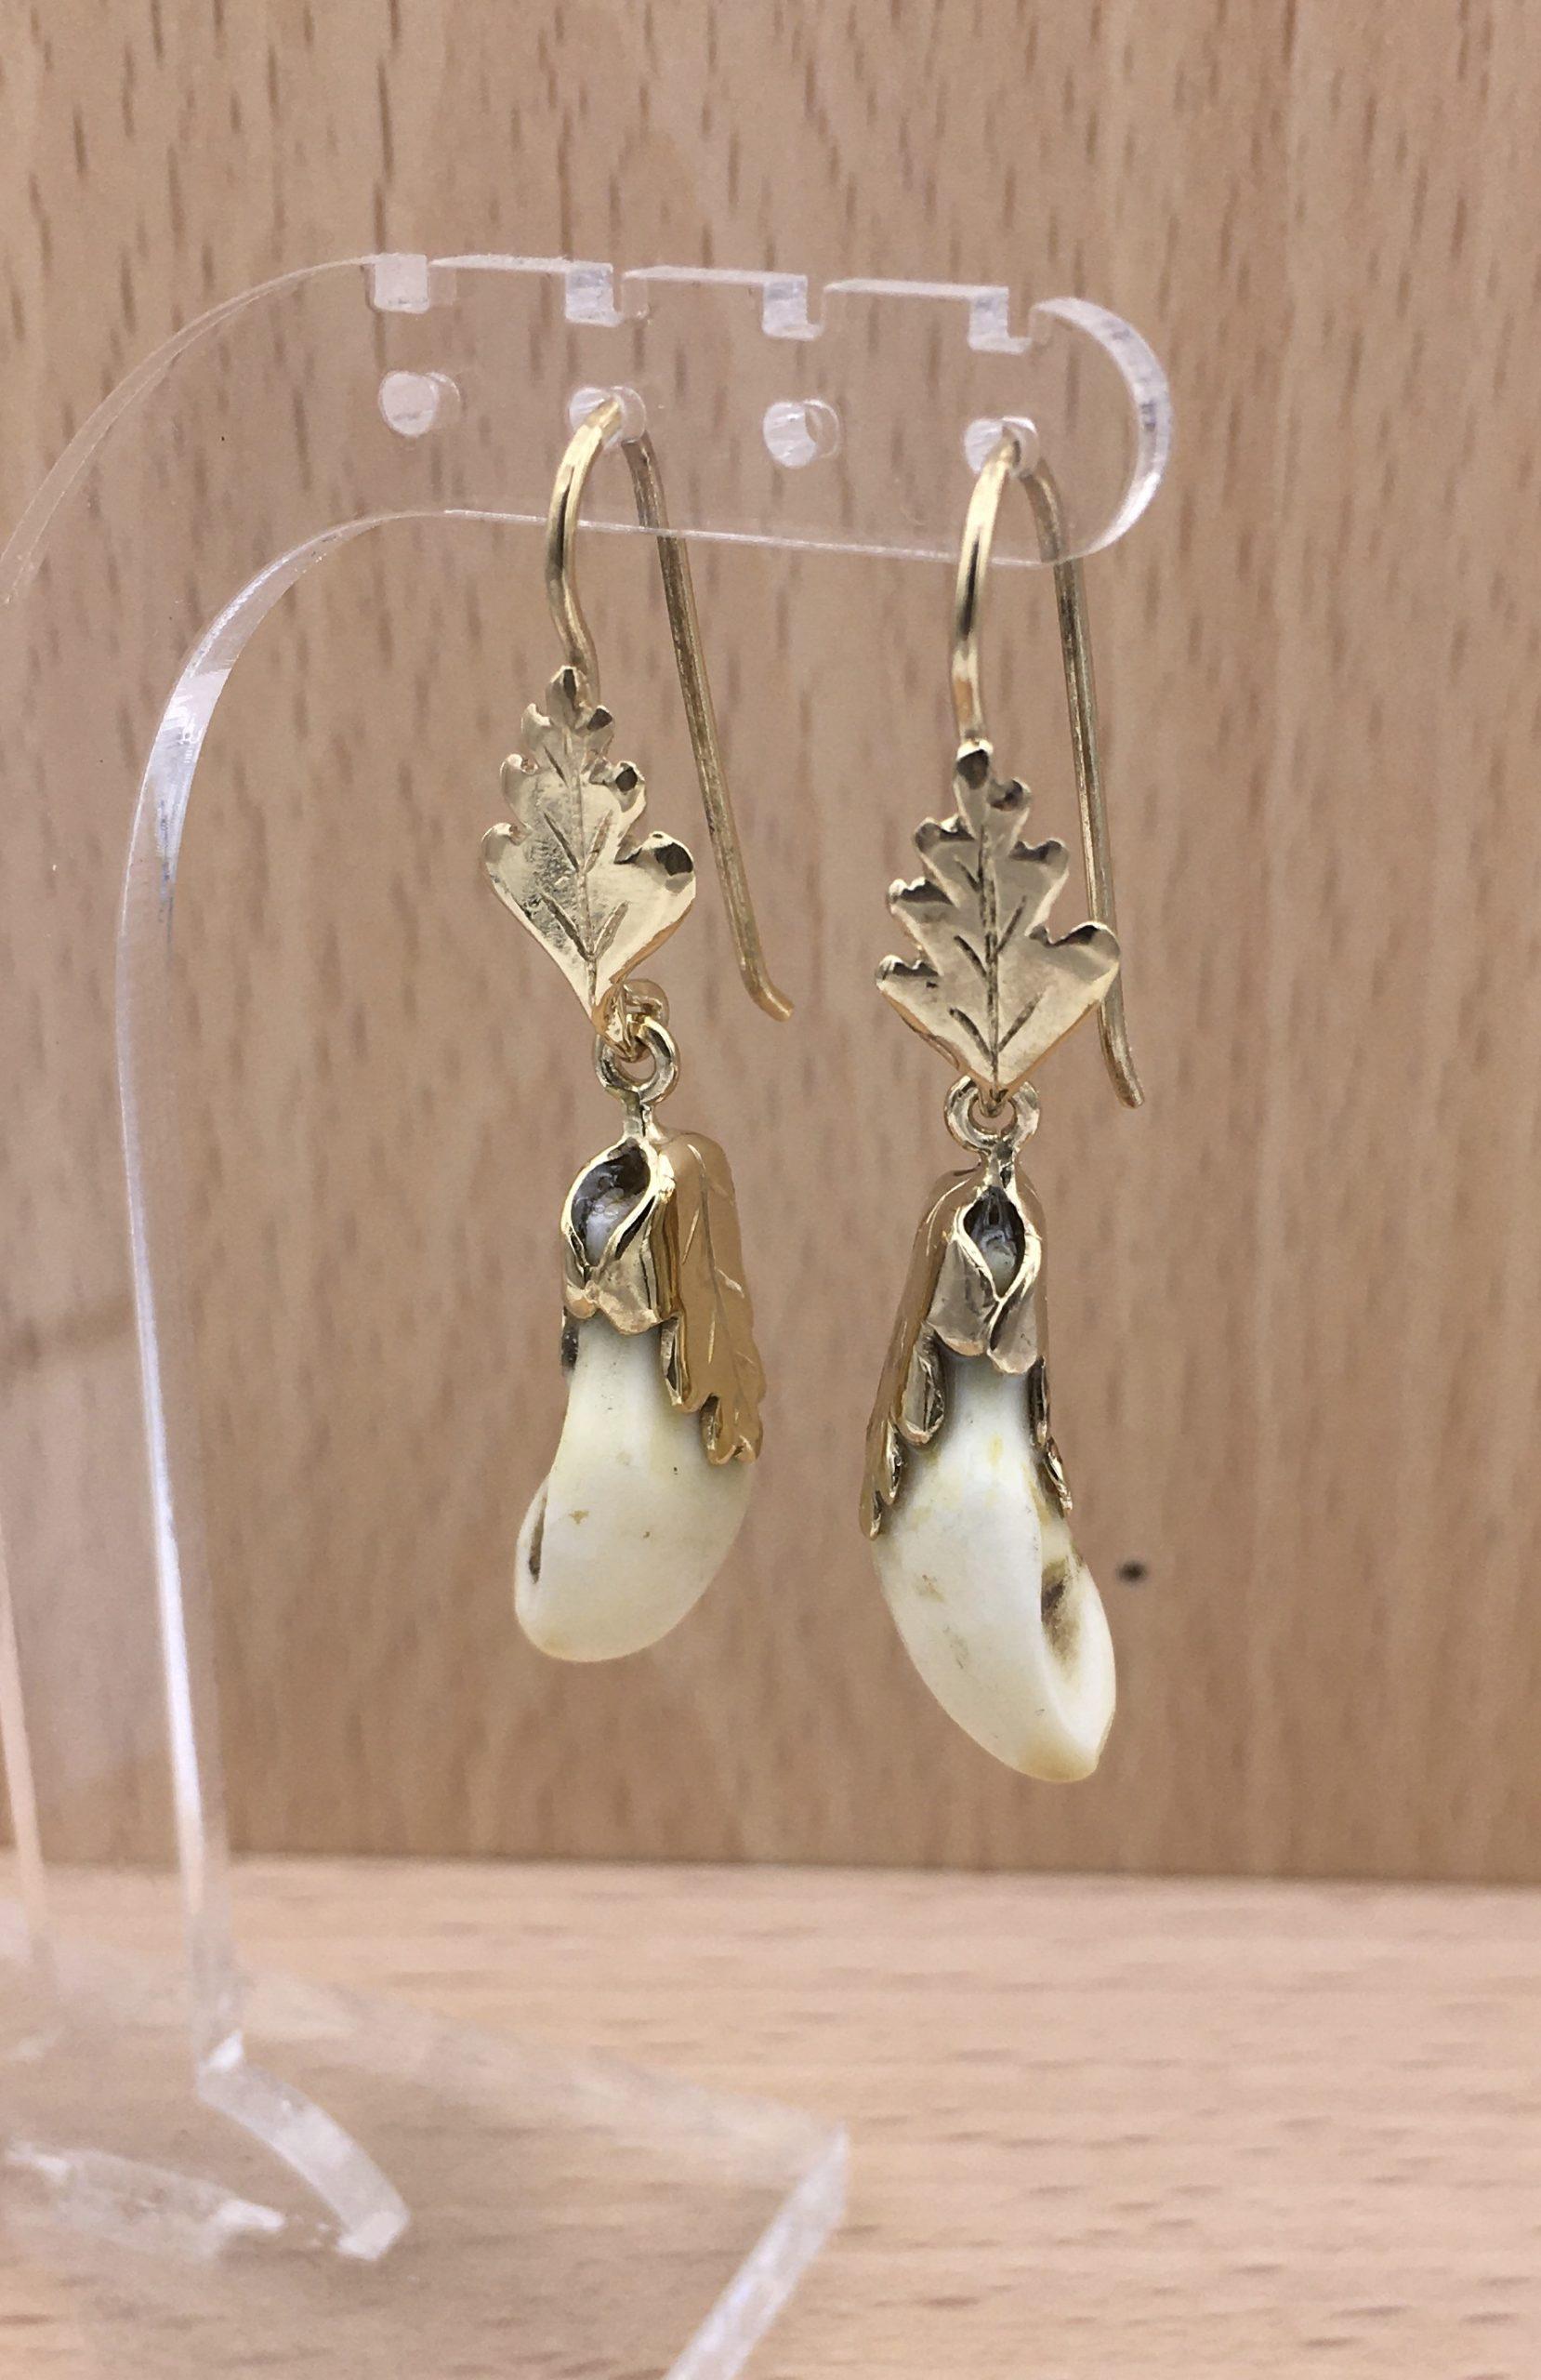 Boucles d'oreilles pendant crocs cerf et feuilles de chêne